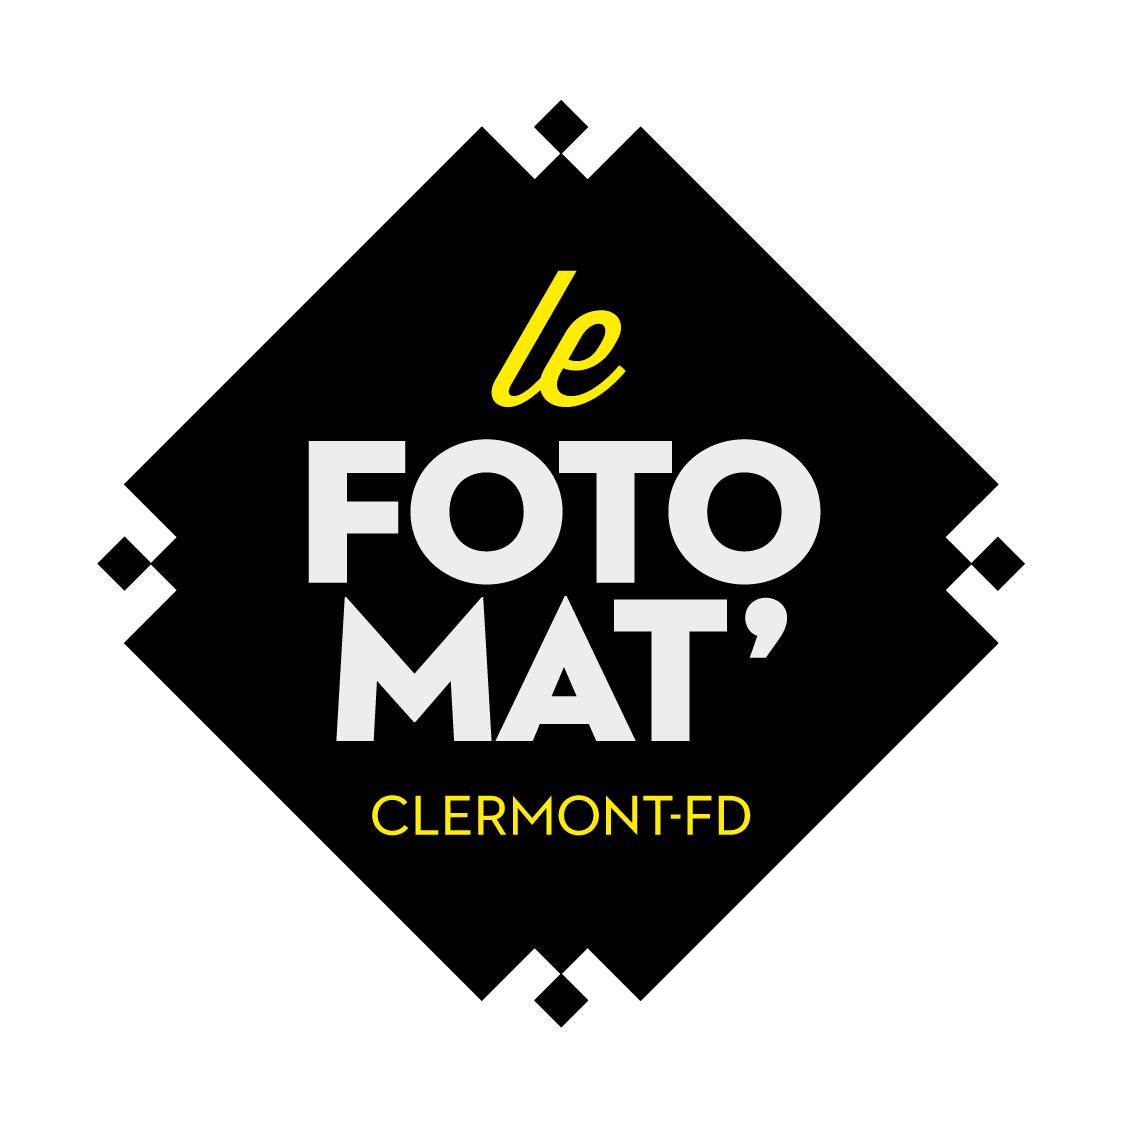 Le Fotomat'